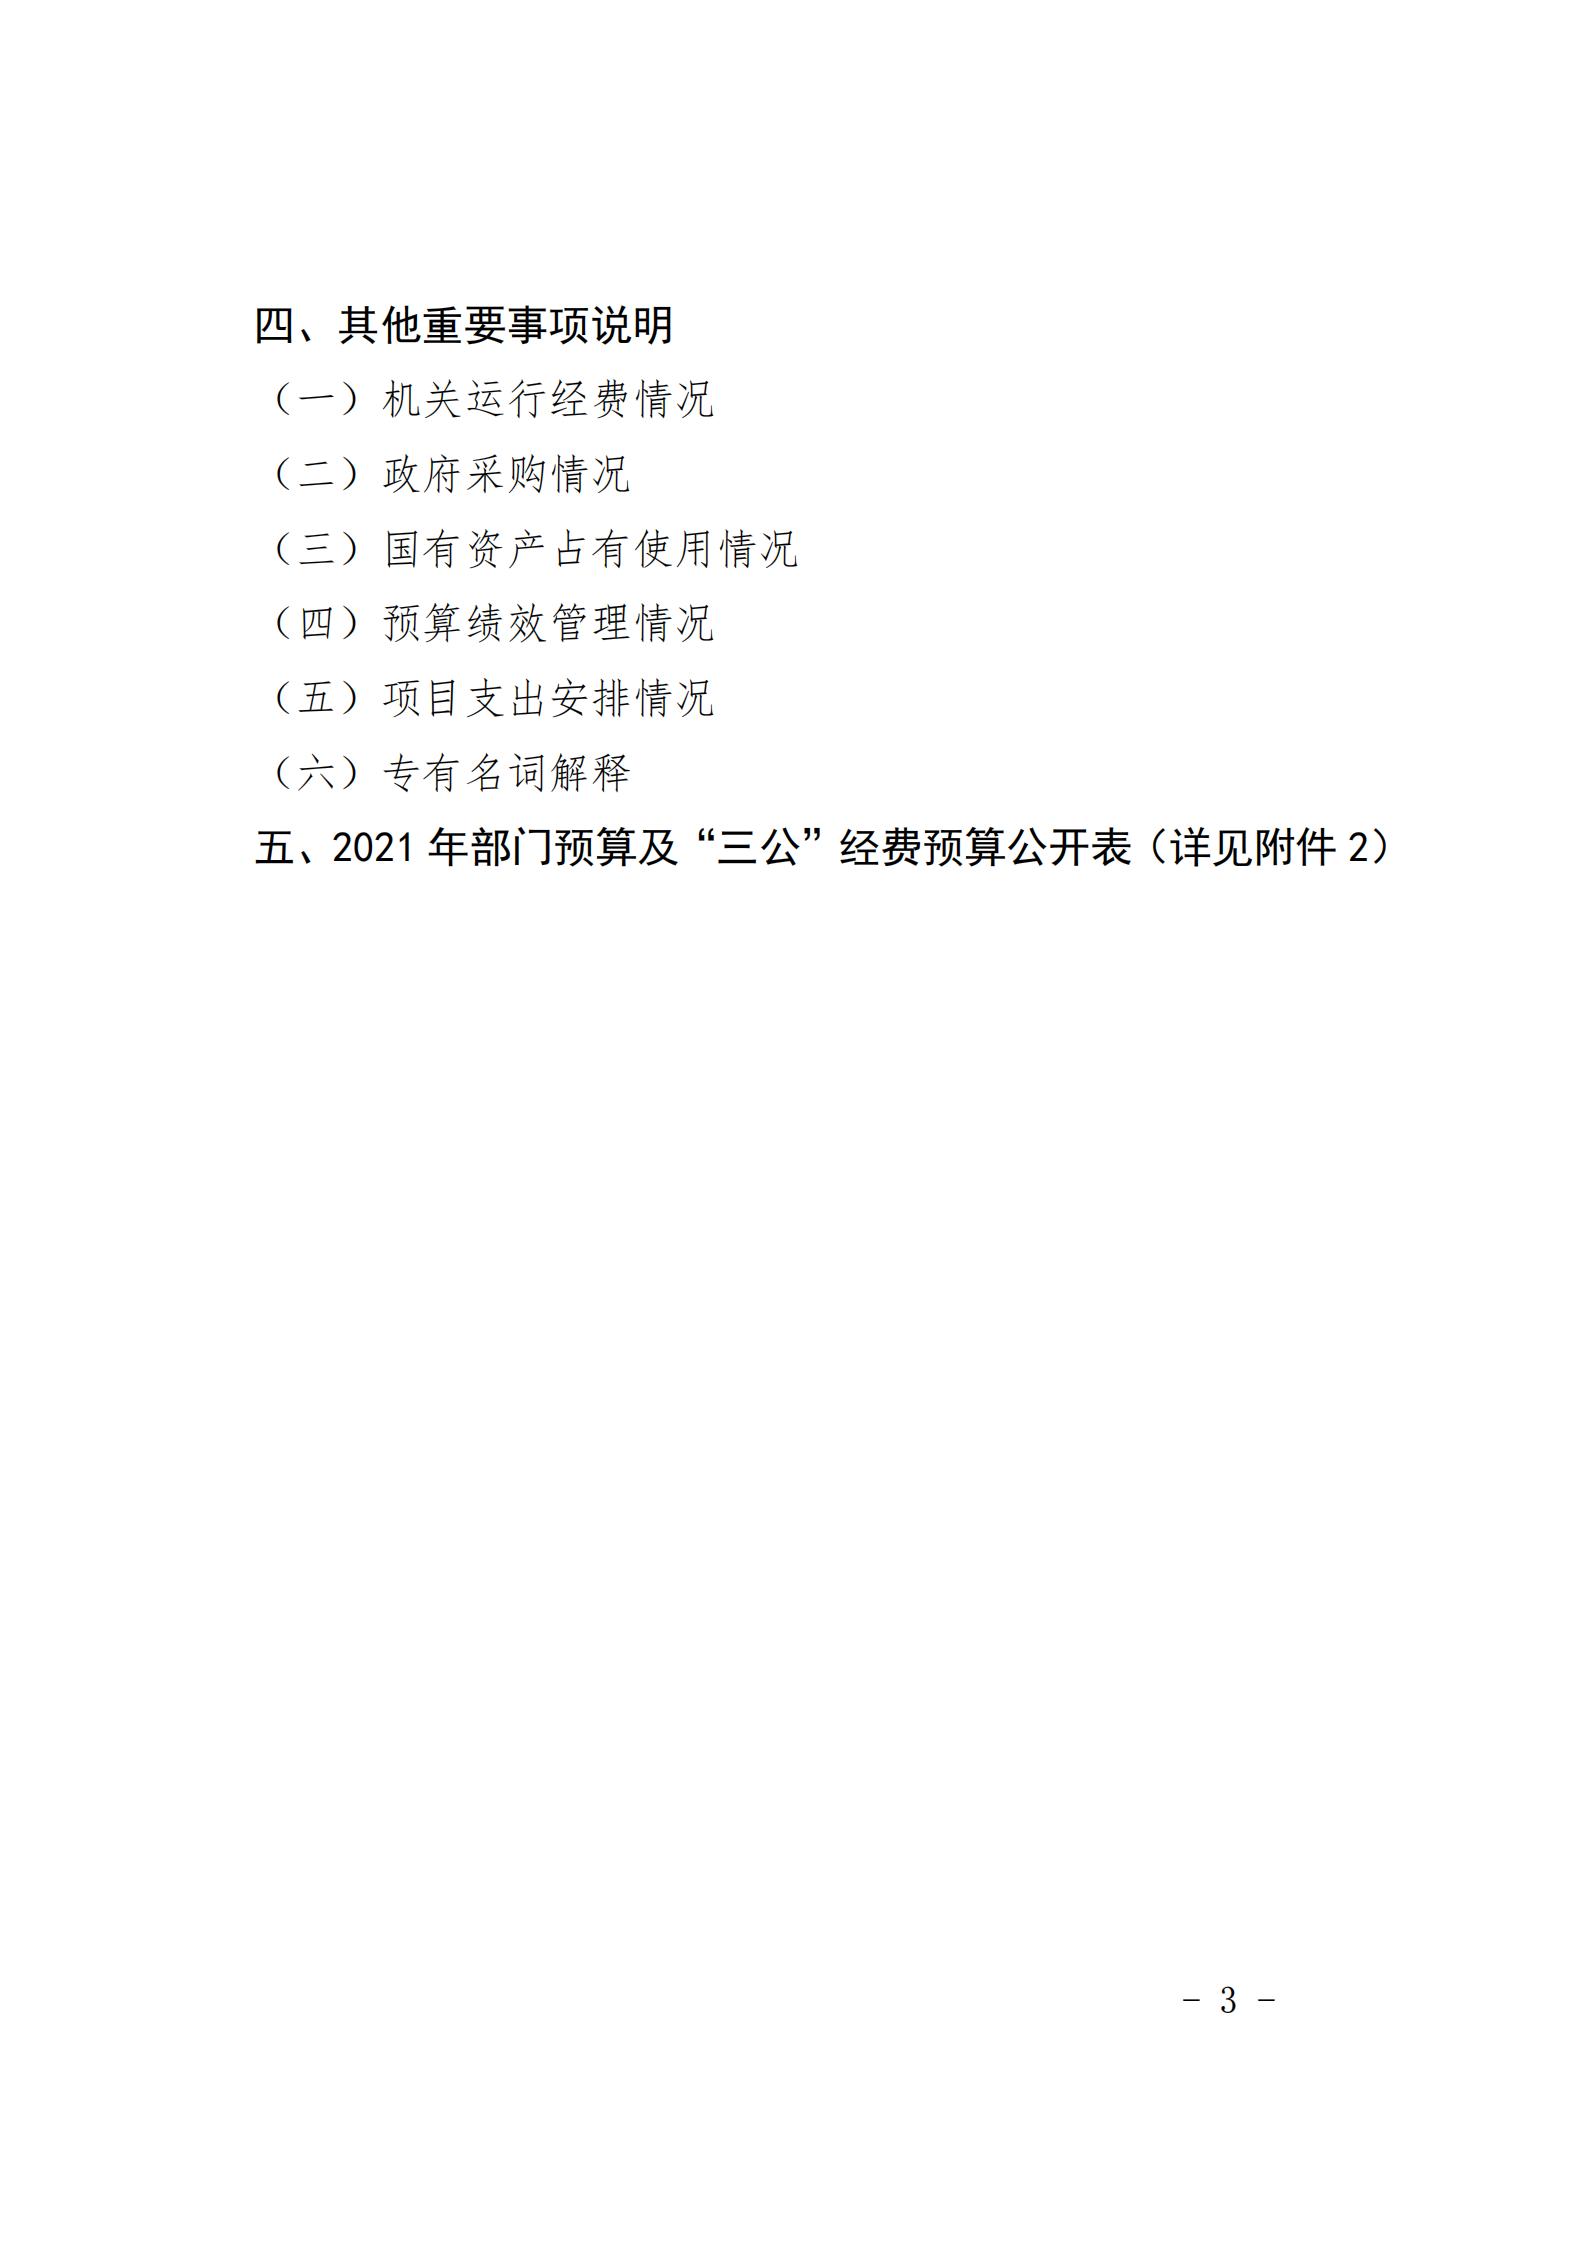 """共青团贵阳市委(本级)2021年度市级部门预算、""""三公""""经费预算公开说明(1)_02.png"""